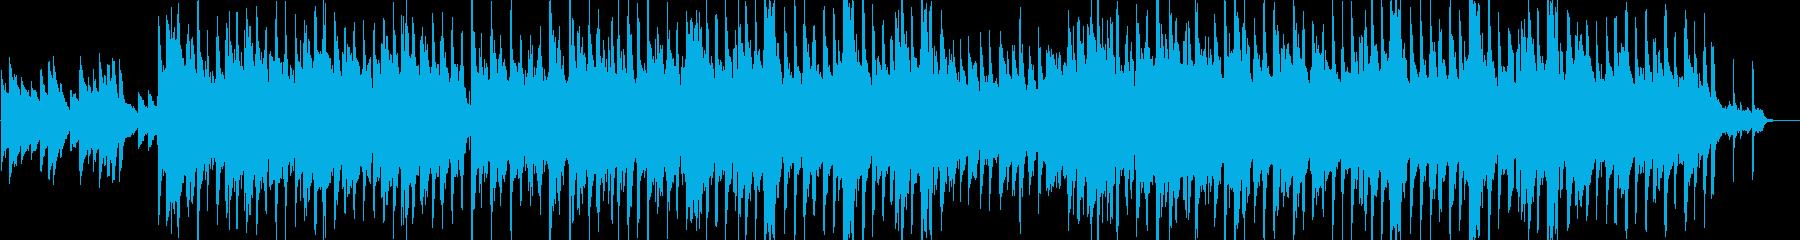 ハッピー・感動・アップテンポ・ピアノの再生済みの波形